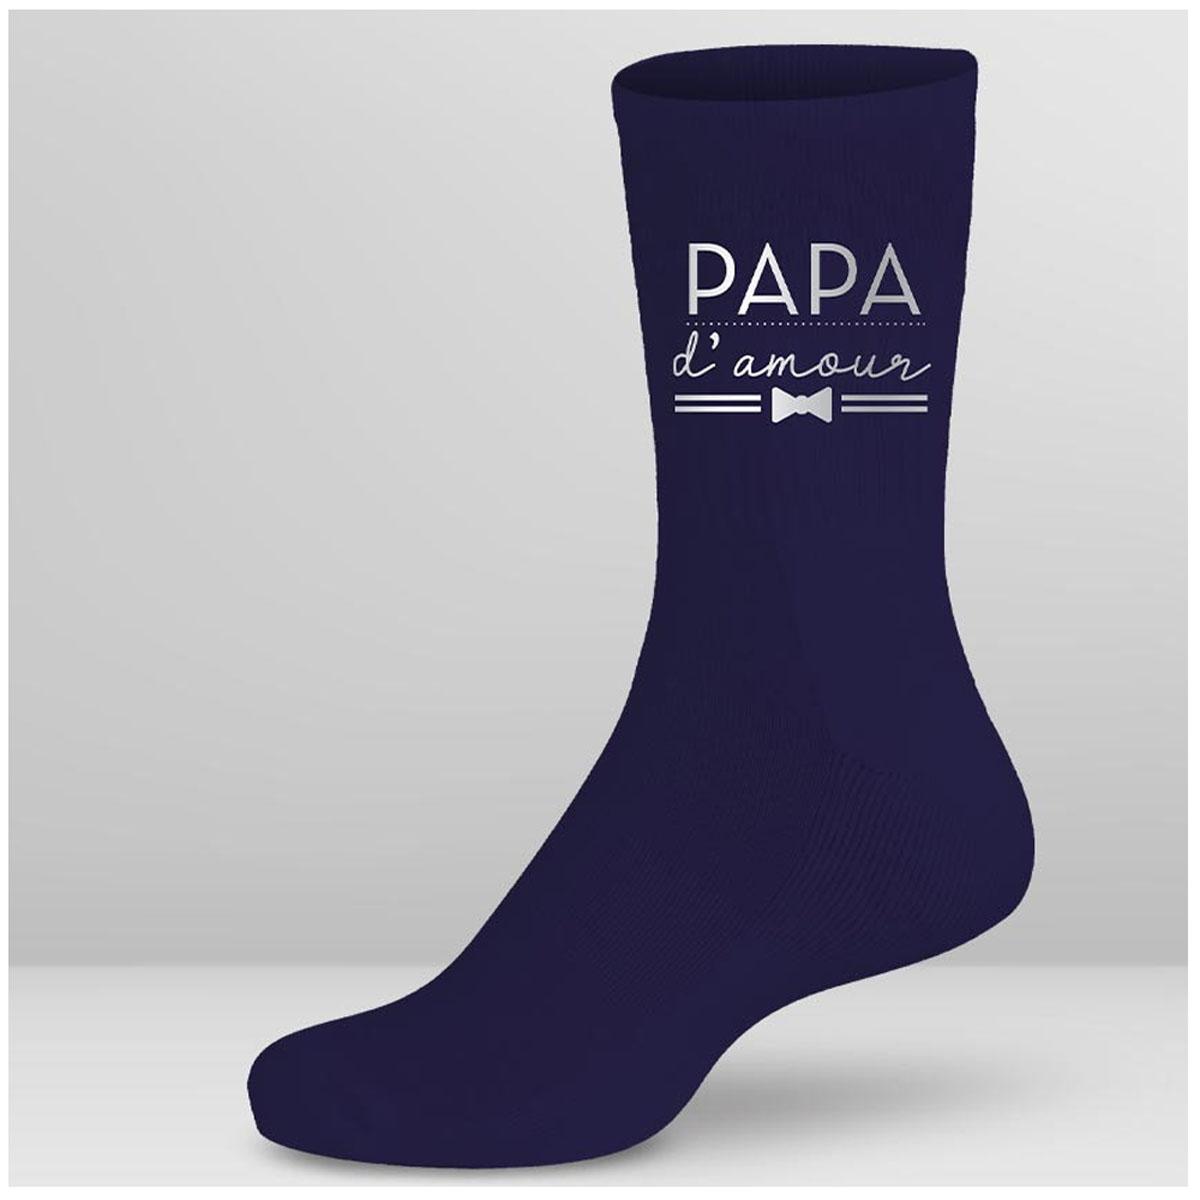 Chaussettes coton tendresse \'Papa d\'amour\' bleu - taille unique - [A2702]